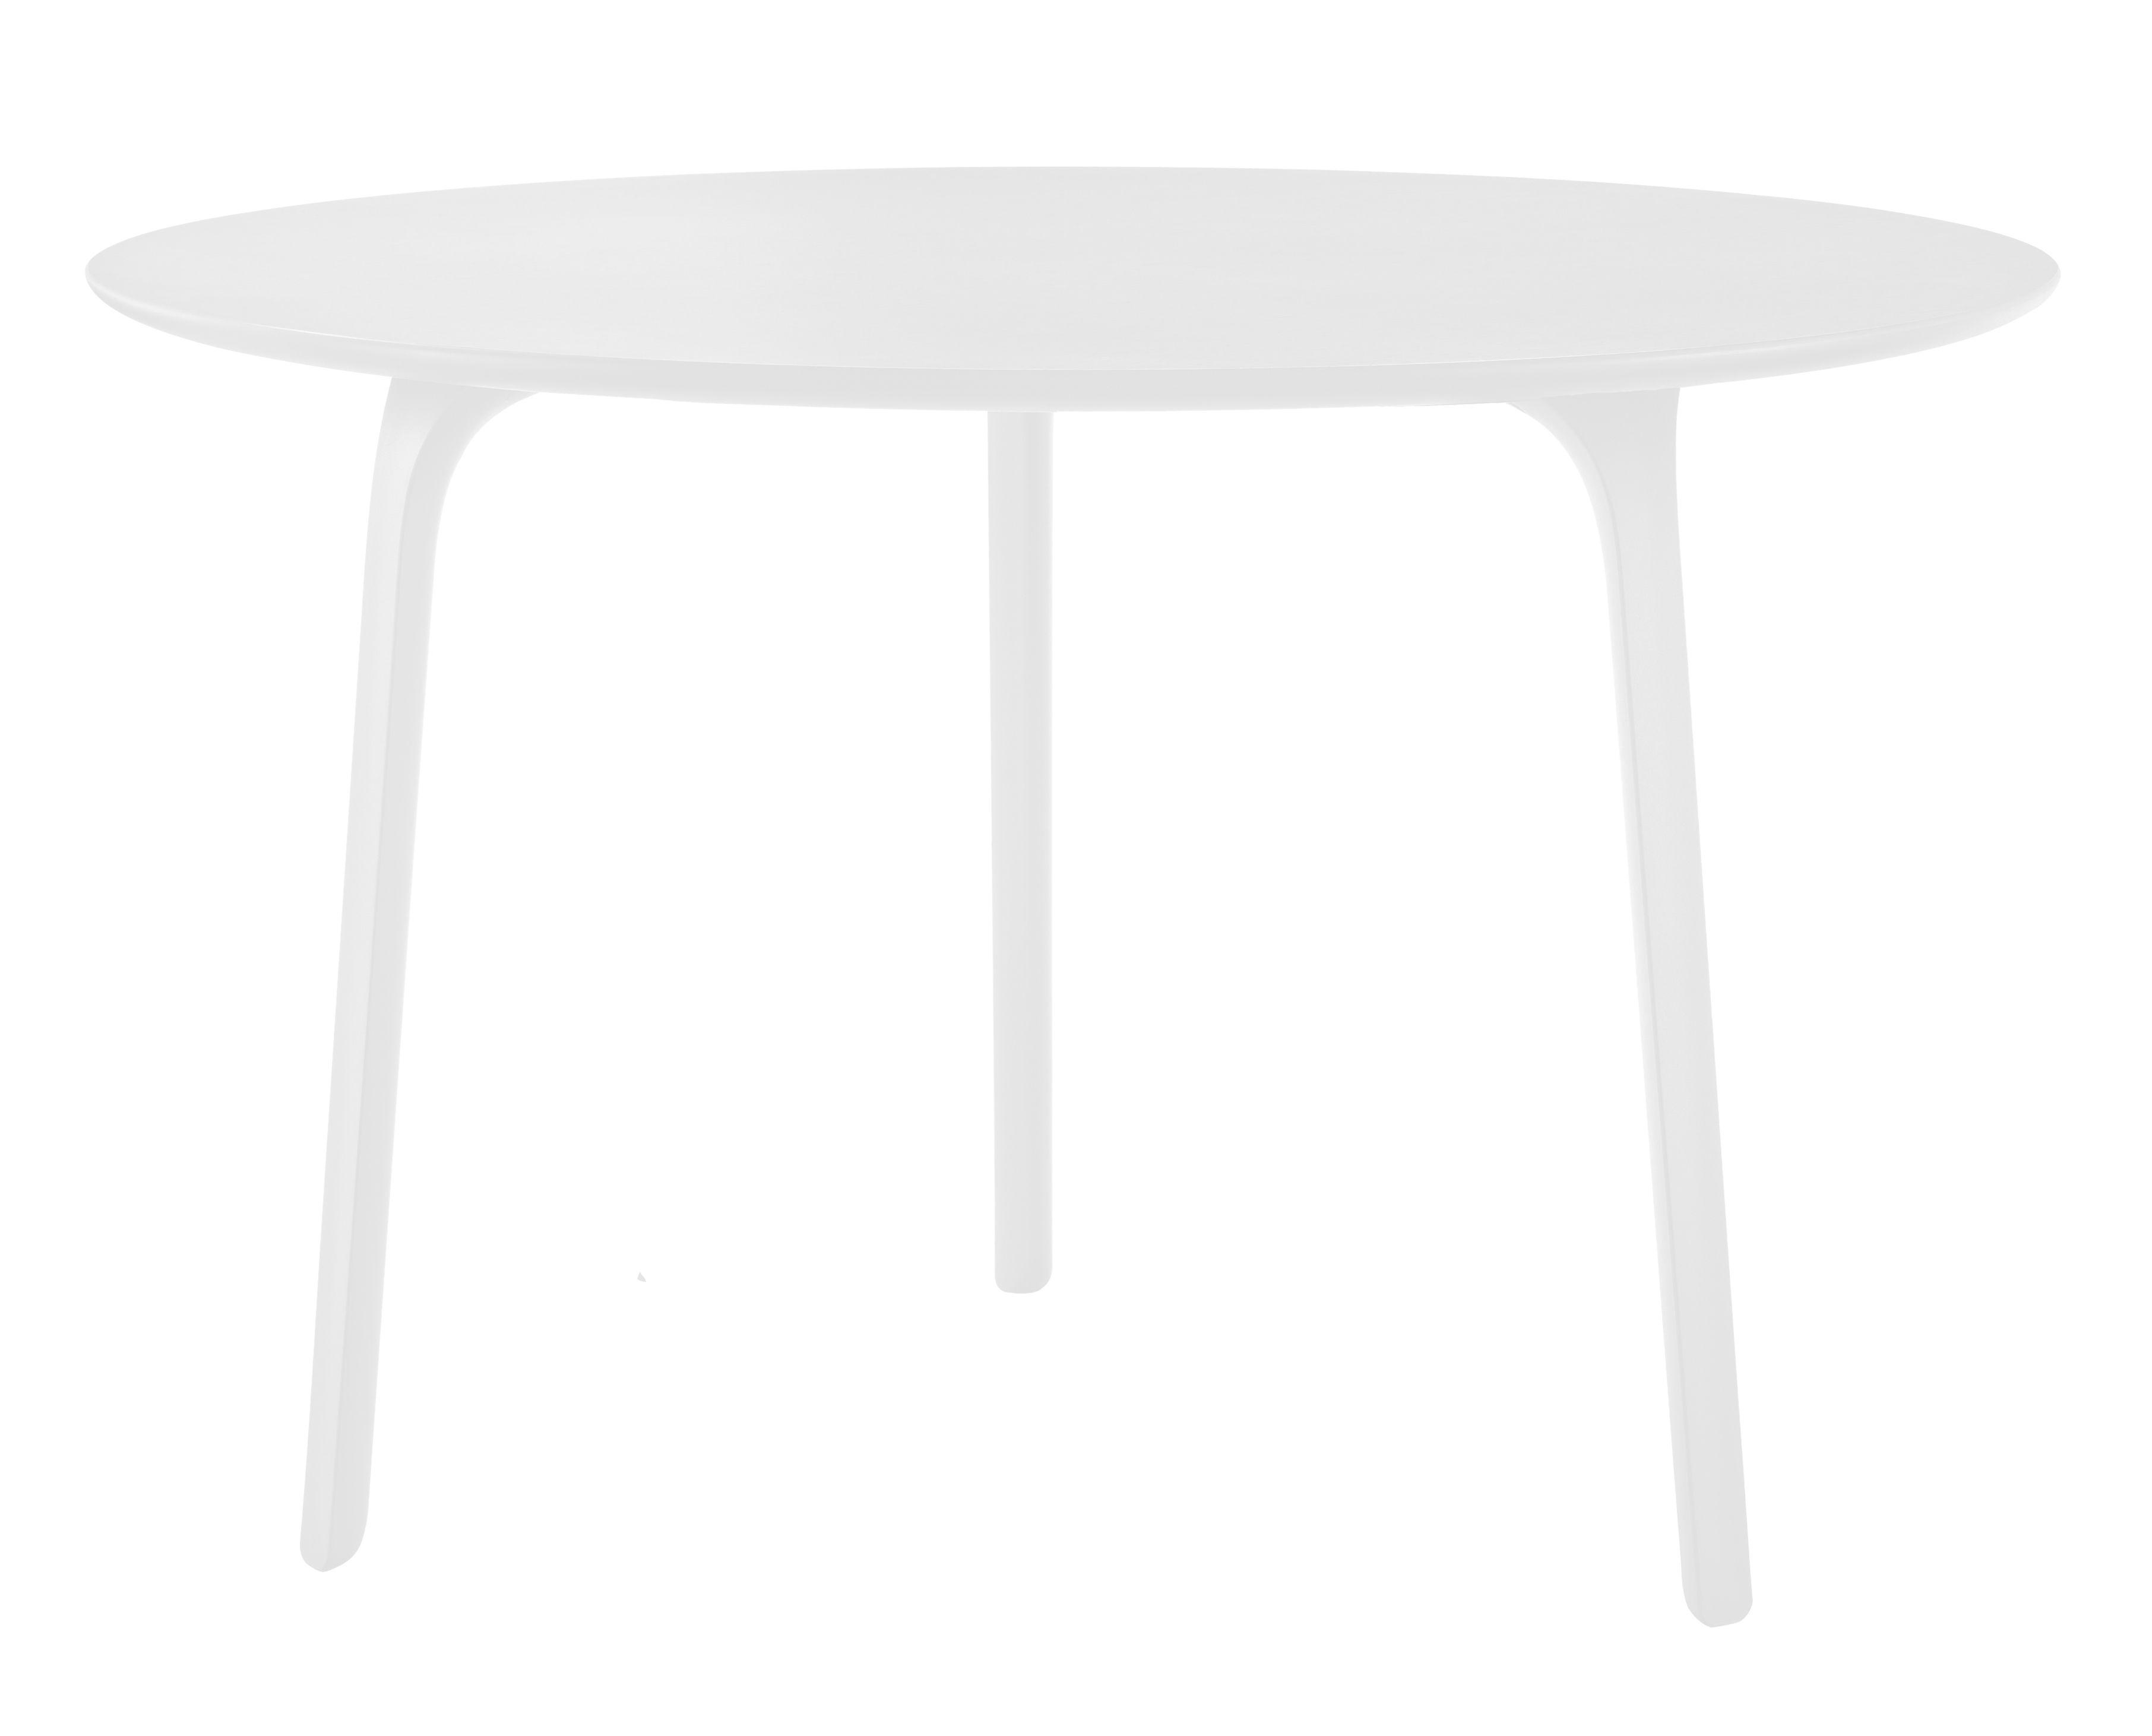 Möbel - Tische - First Runder Tisch Rund Ø 80 cm - für den Innenraum - Magis - Platte: weiß / Füße: weiß - lackierte Holzfaserplatte, Polyamid